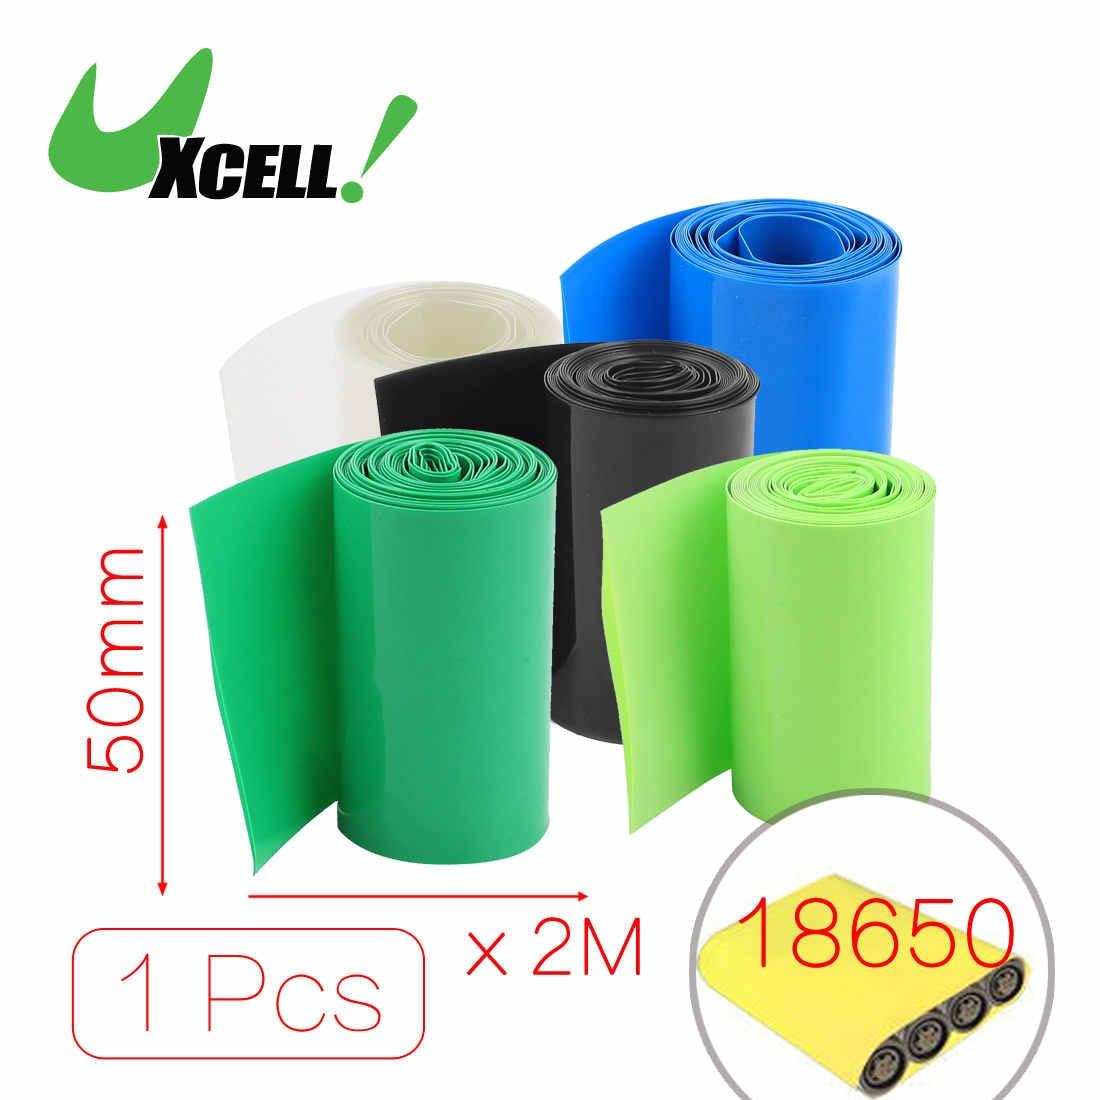 Термоусадочная трубка Uxcell, 2 метра, ширина 50 мм/56 мм, ПВХ, синяя, для батарей 2X18650, черная, синяя, прозрачная, зеленая